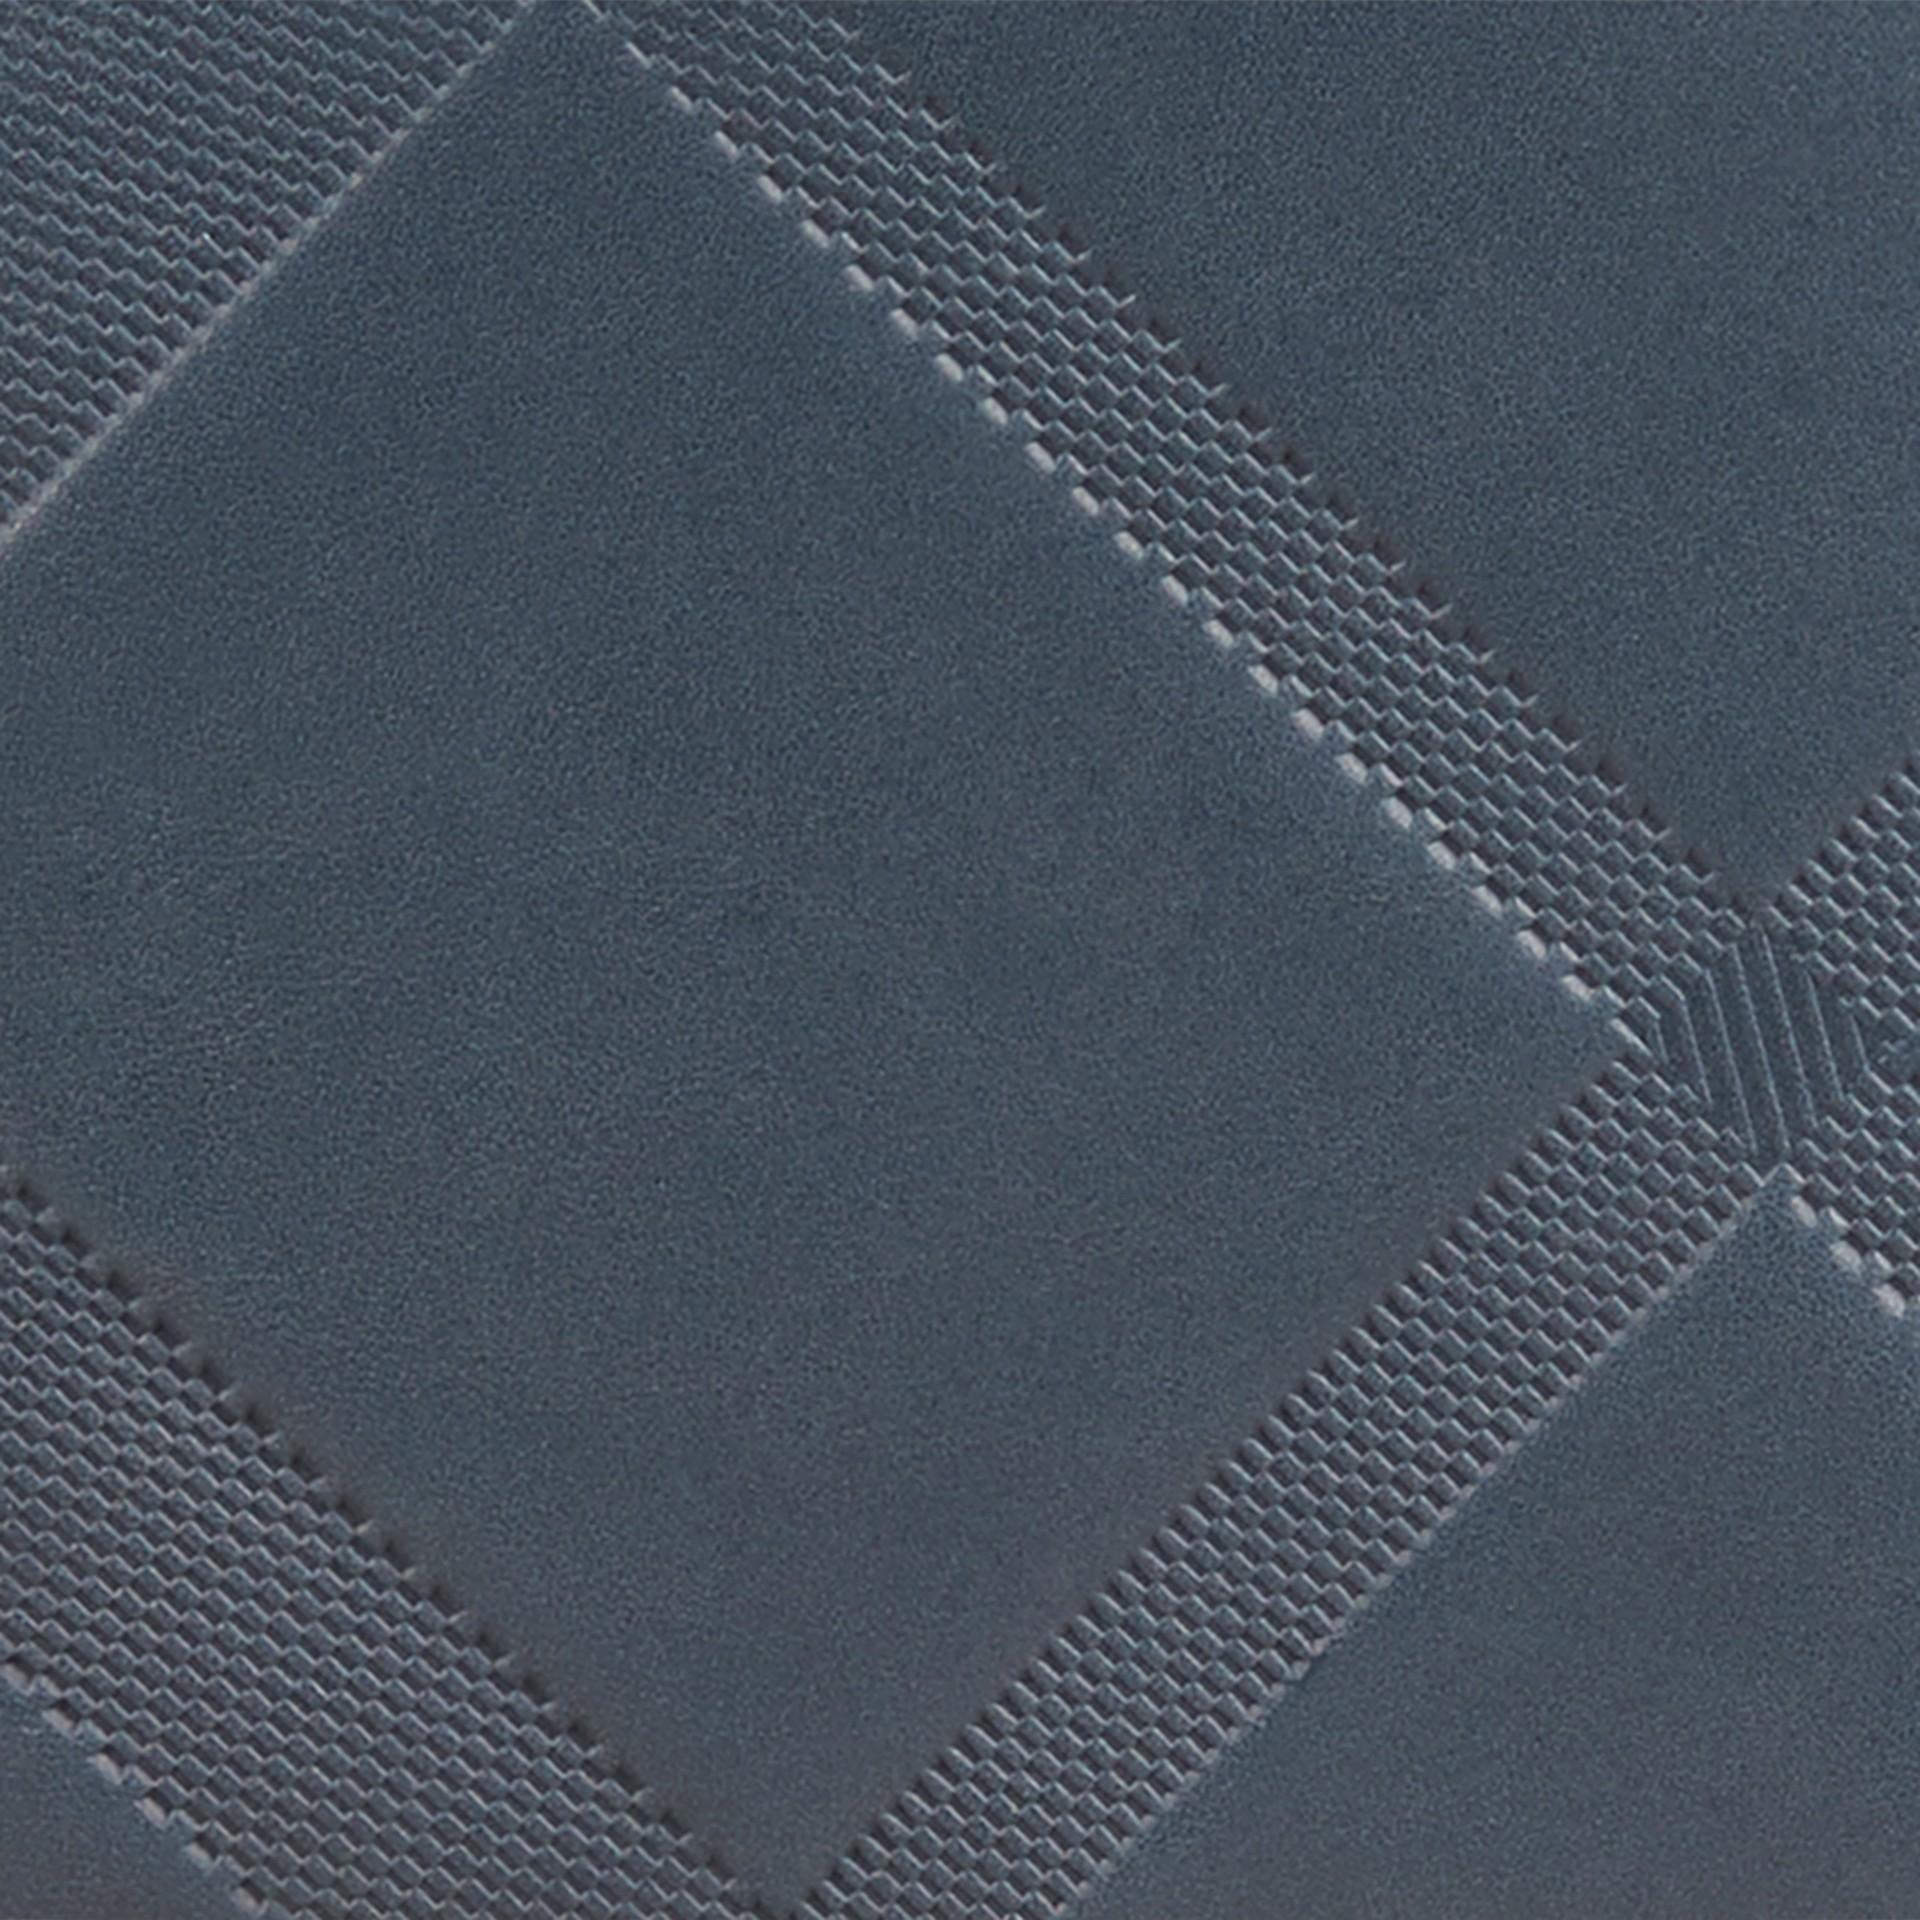 Blu acciaio Portafoglio a libro in pelle con motivo check in rilievo Blu Acciaio - immagine della galleria 2